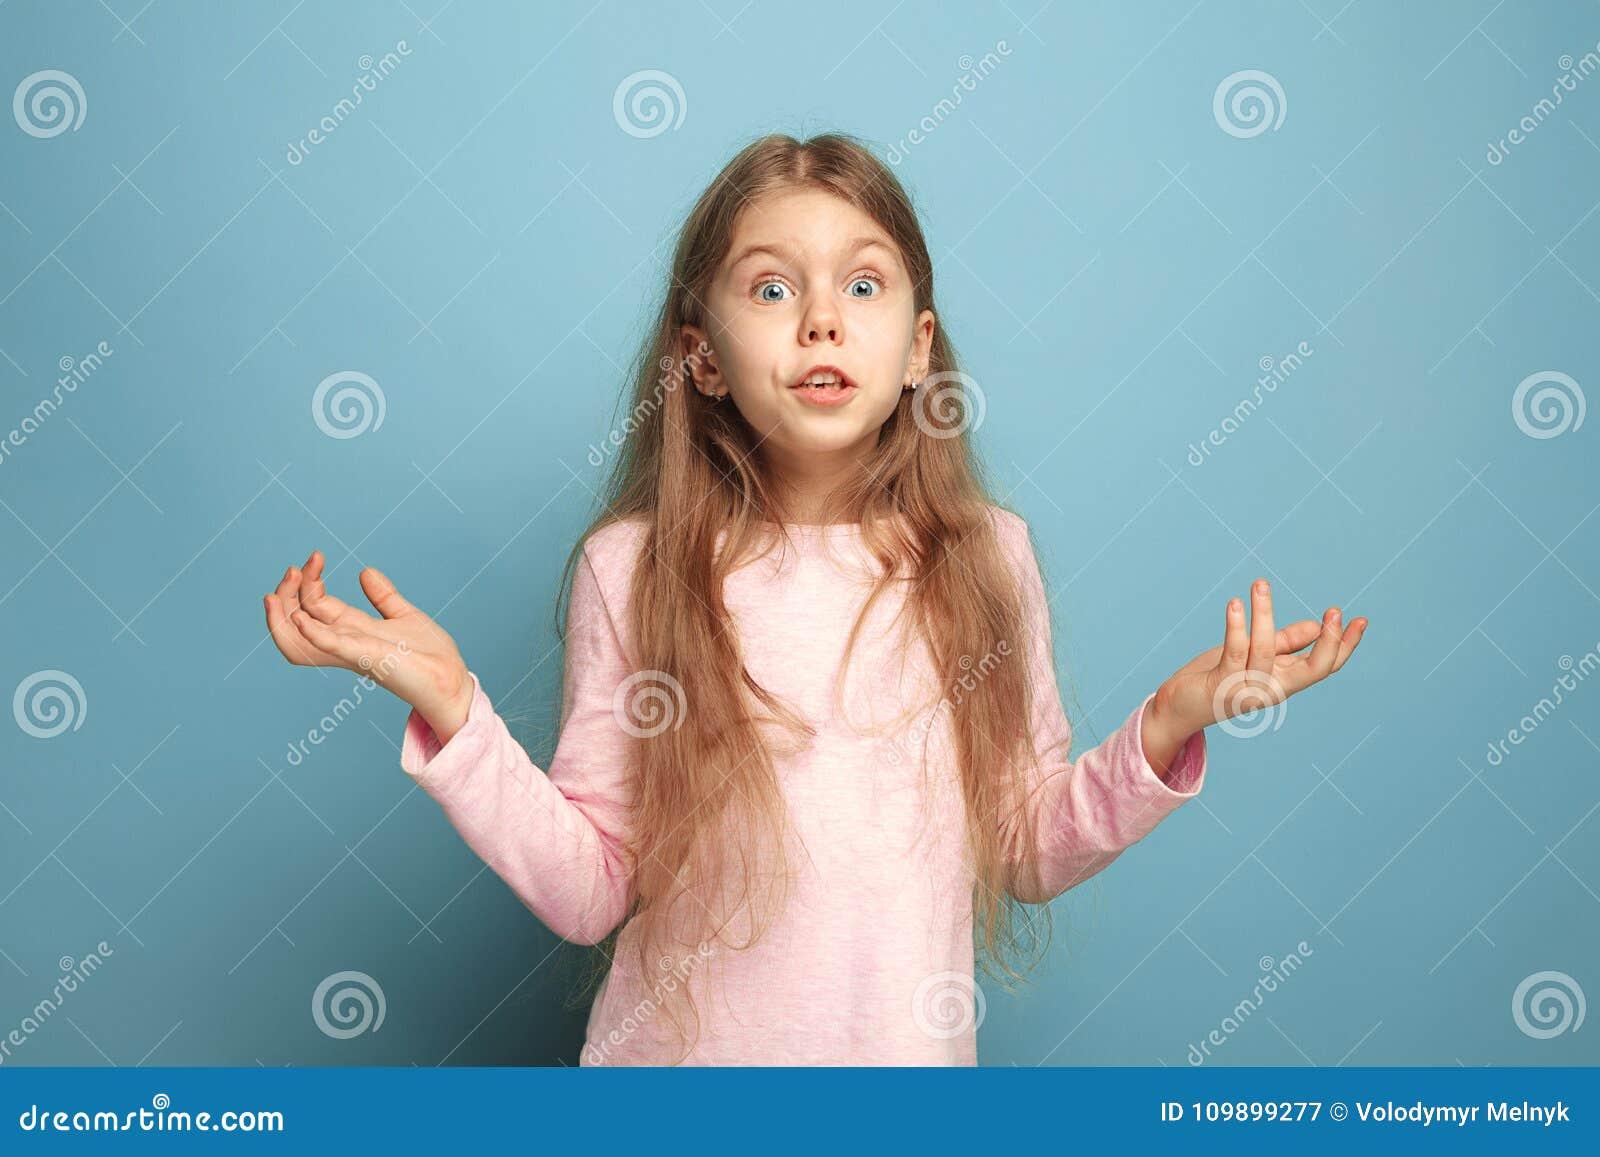 A surpresa, a felicidade, a alegria, a vitória, o sucesso e a sorte Menina adolescente em um fundo azul Expressões faciais e povo